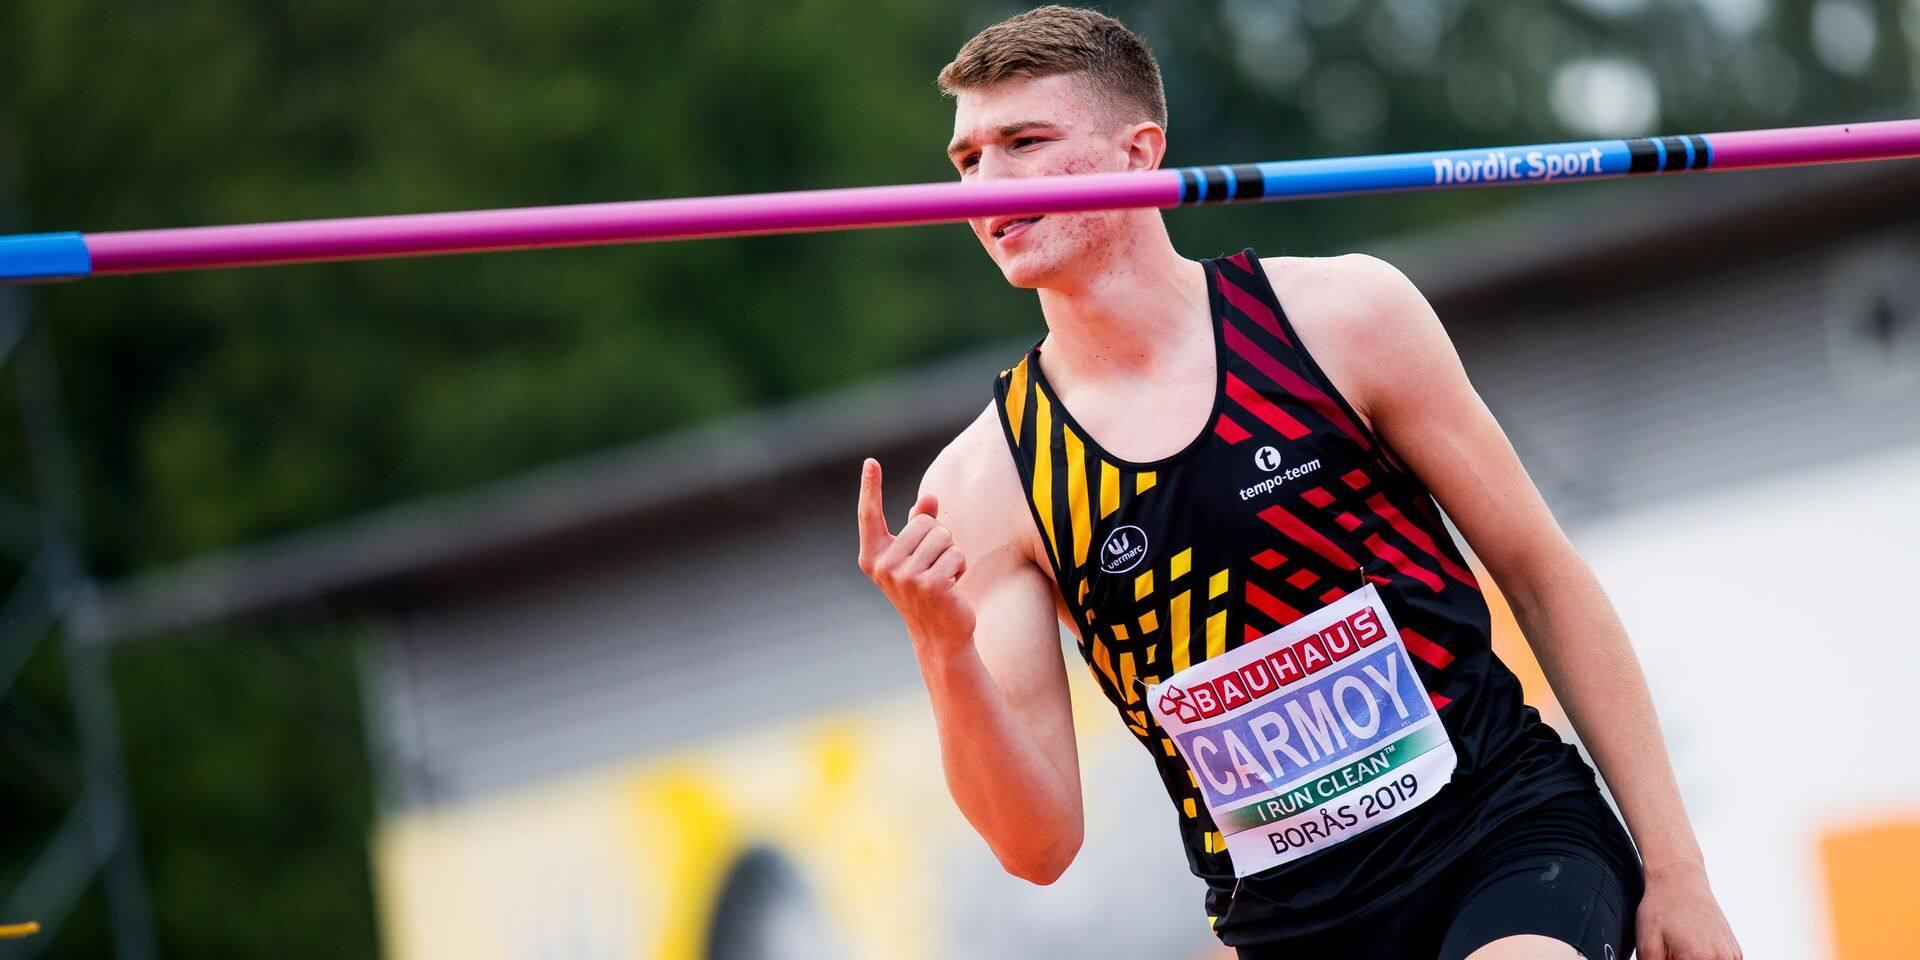 Thomas Carmoy champion d'Europe U20 en hauteur, Vekemans en bronze à la perche